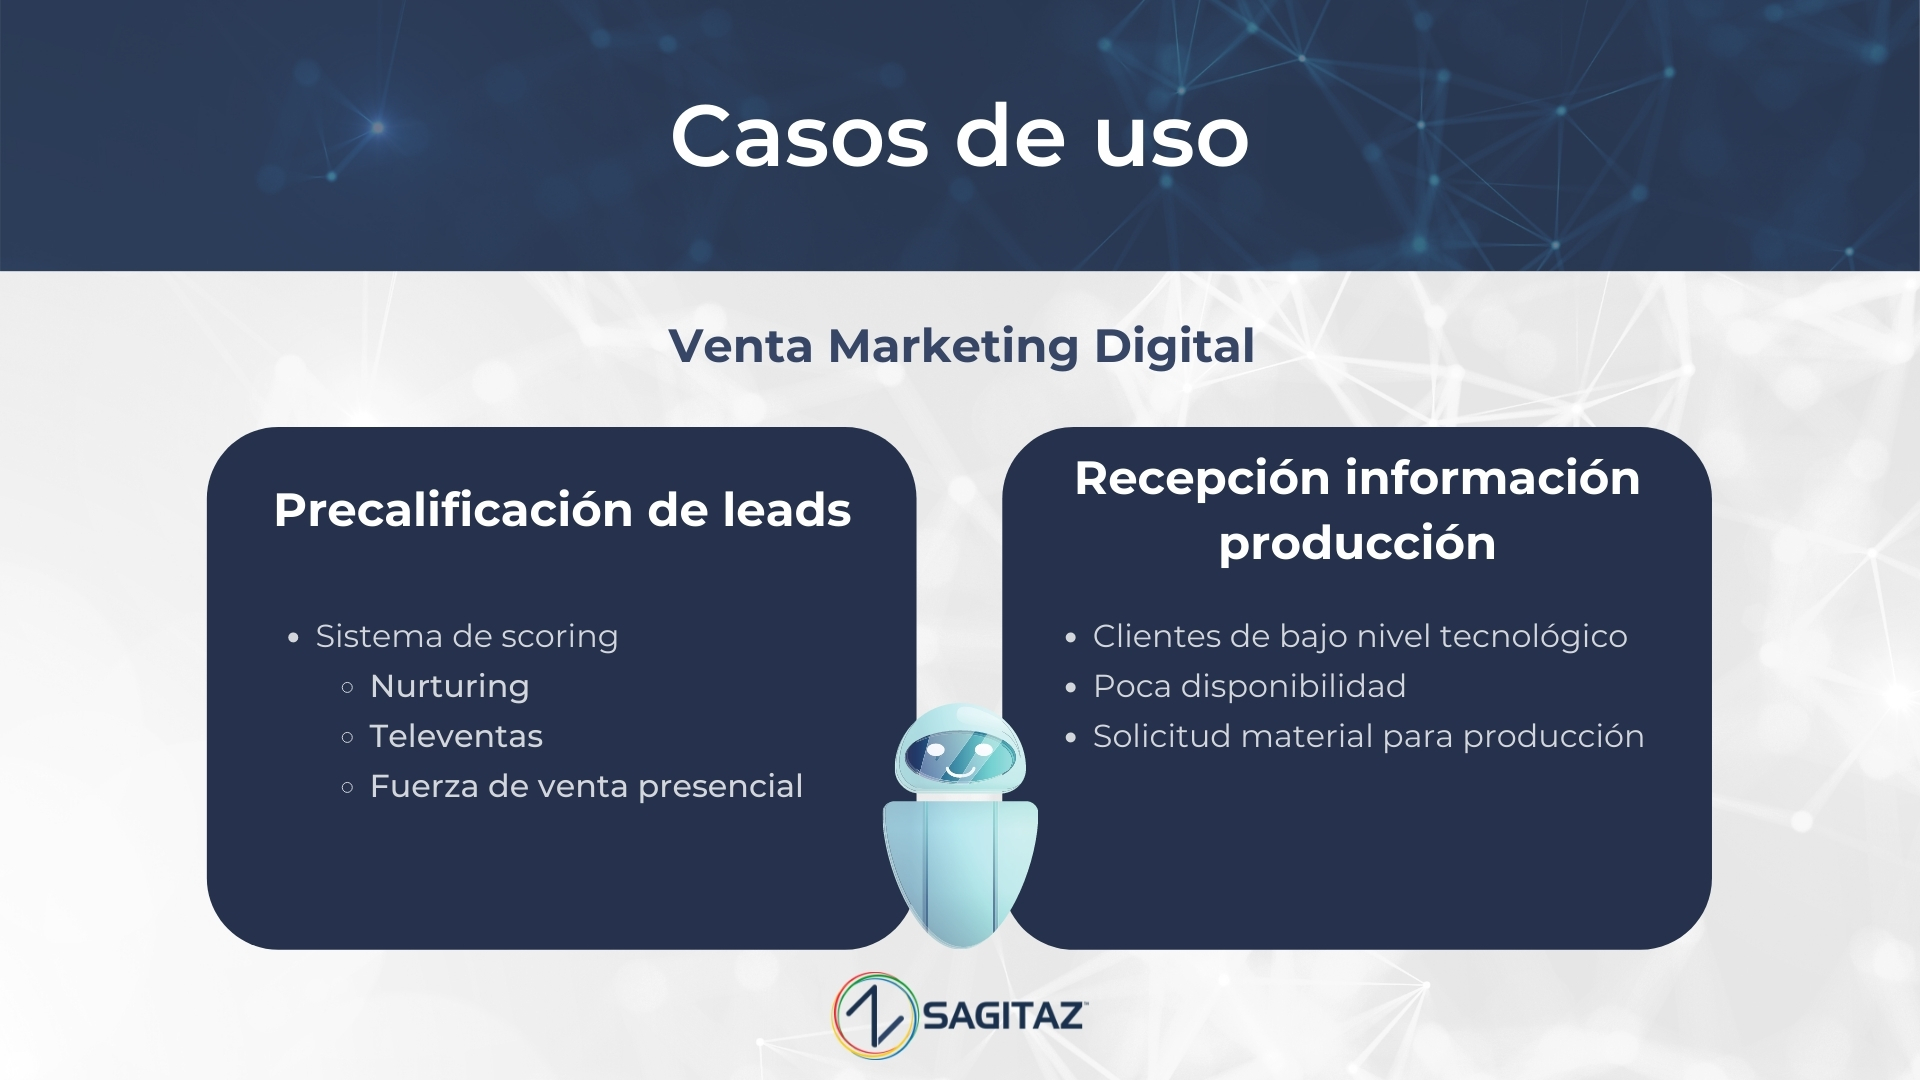 Webinar partner talks: Chatbots 24/7 con WhatsApp para la gestión de leads